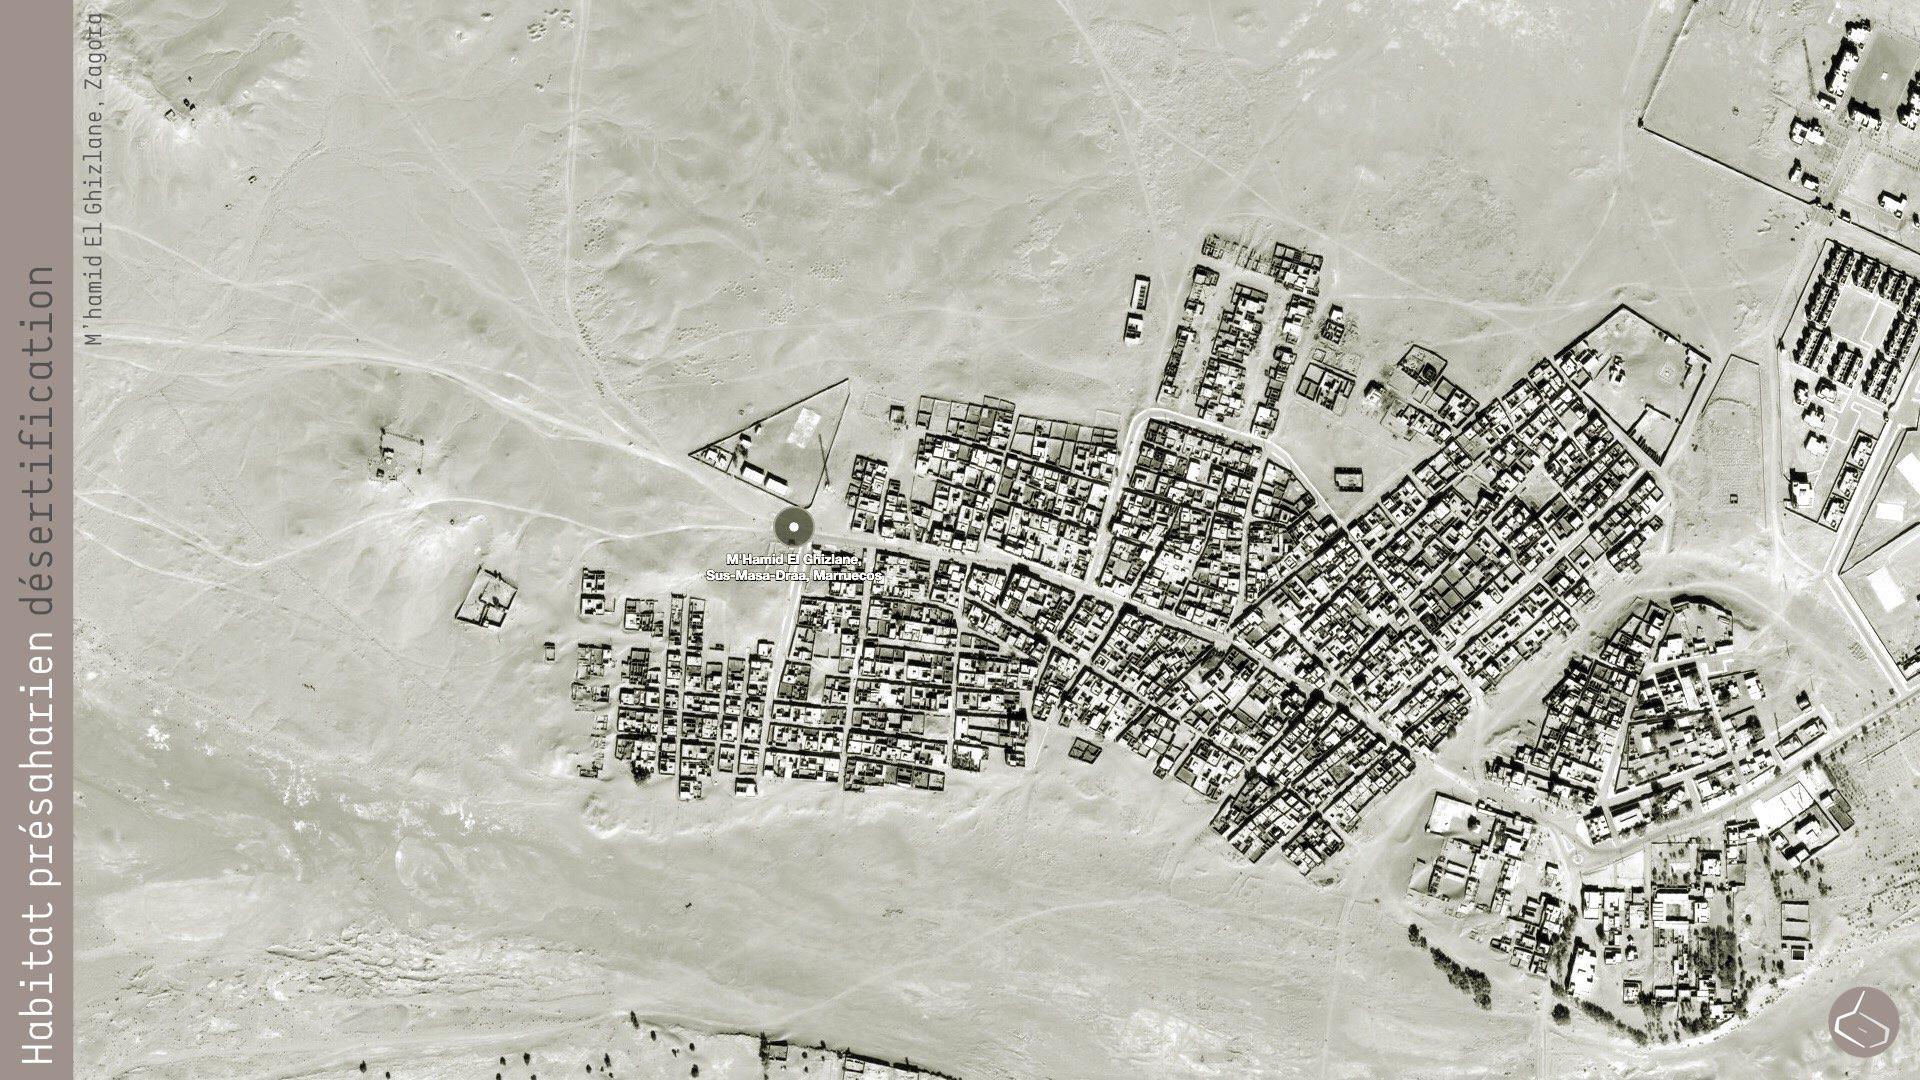 60. Au fait, il y a des villes, comme celle de M'hamid El Ghizlane,       60. In fact, there are cities like M'hamid El Ghizlane,